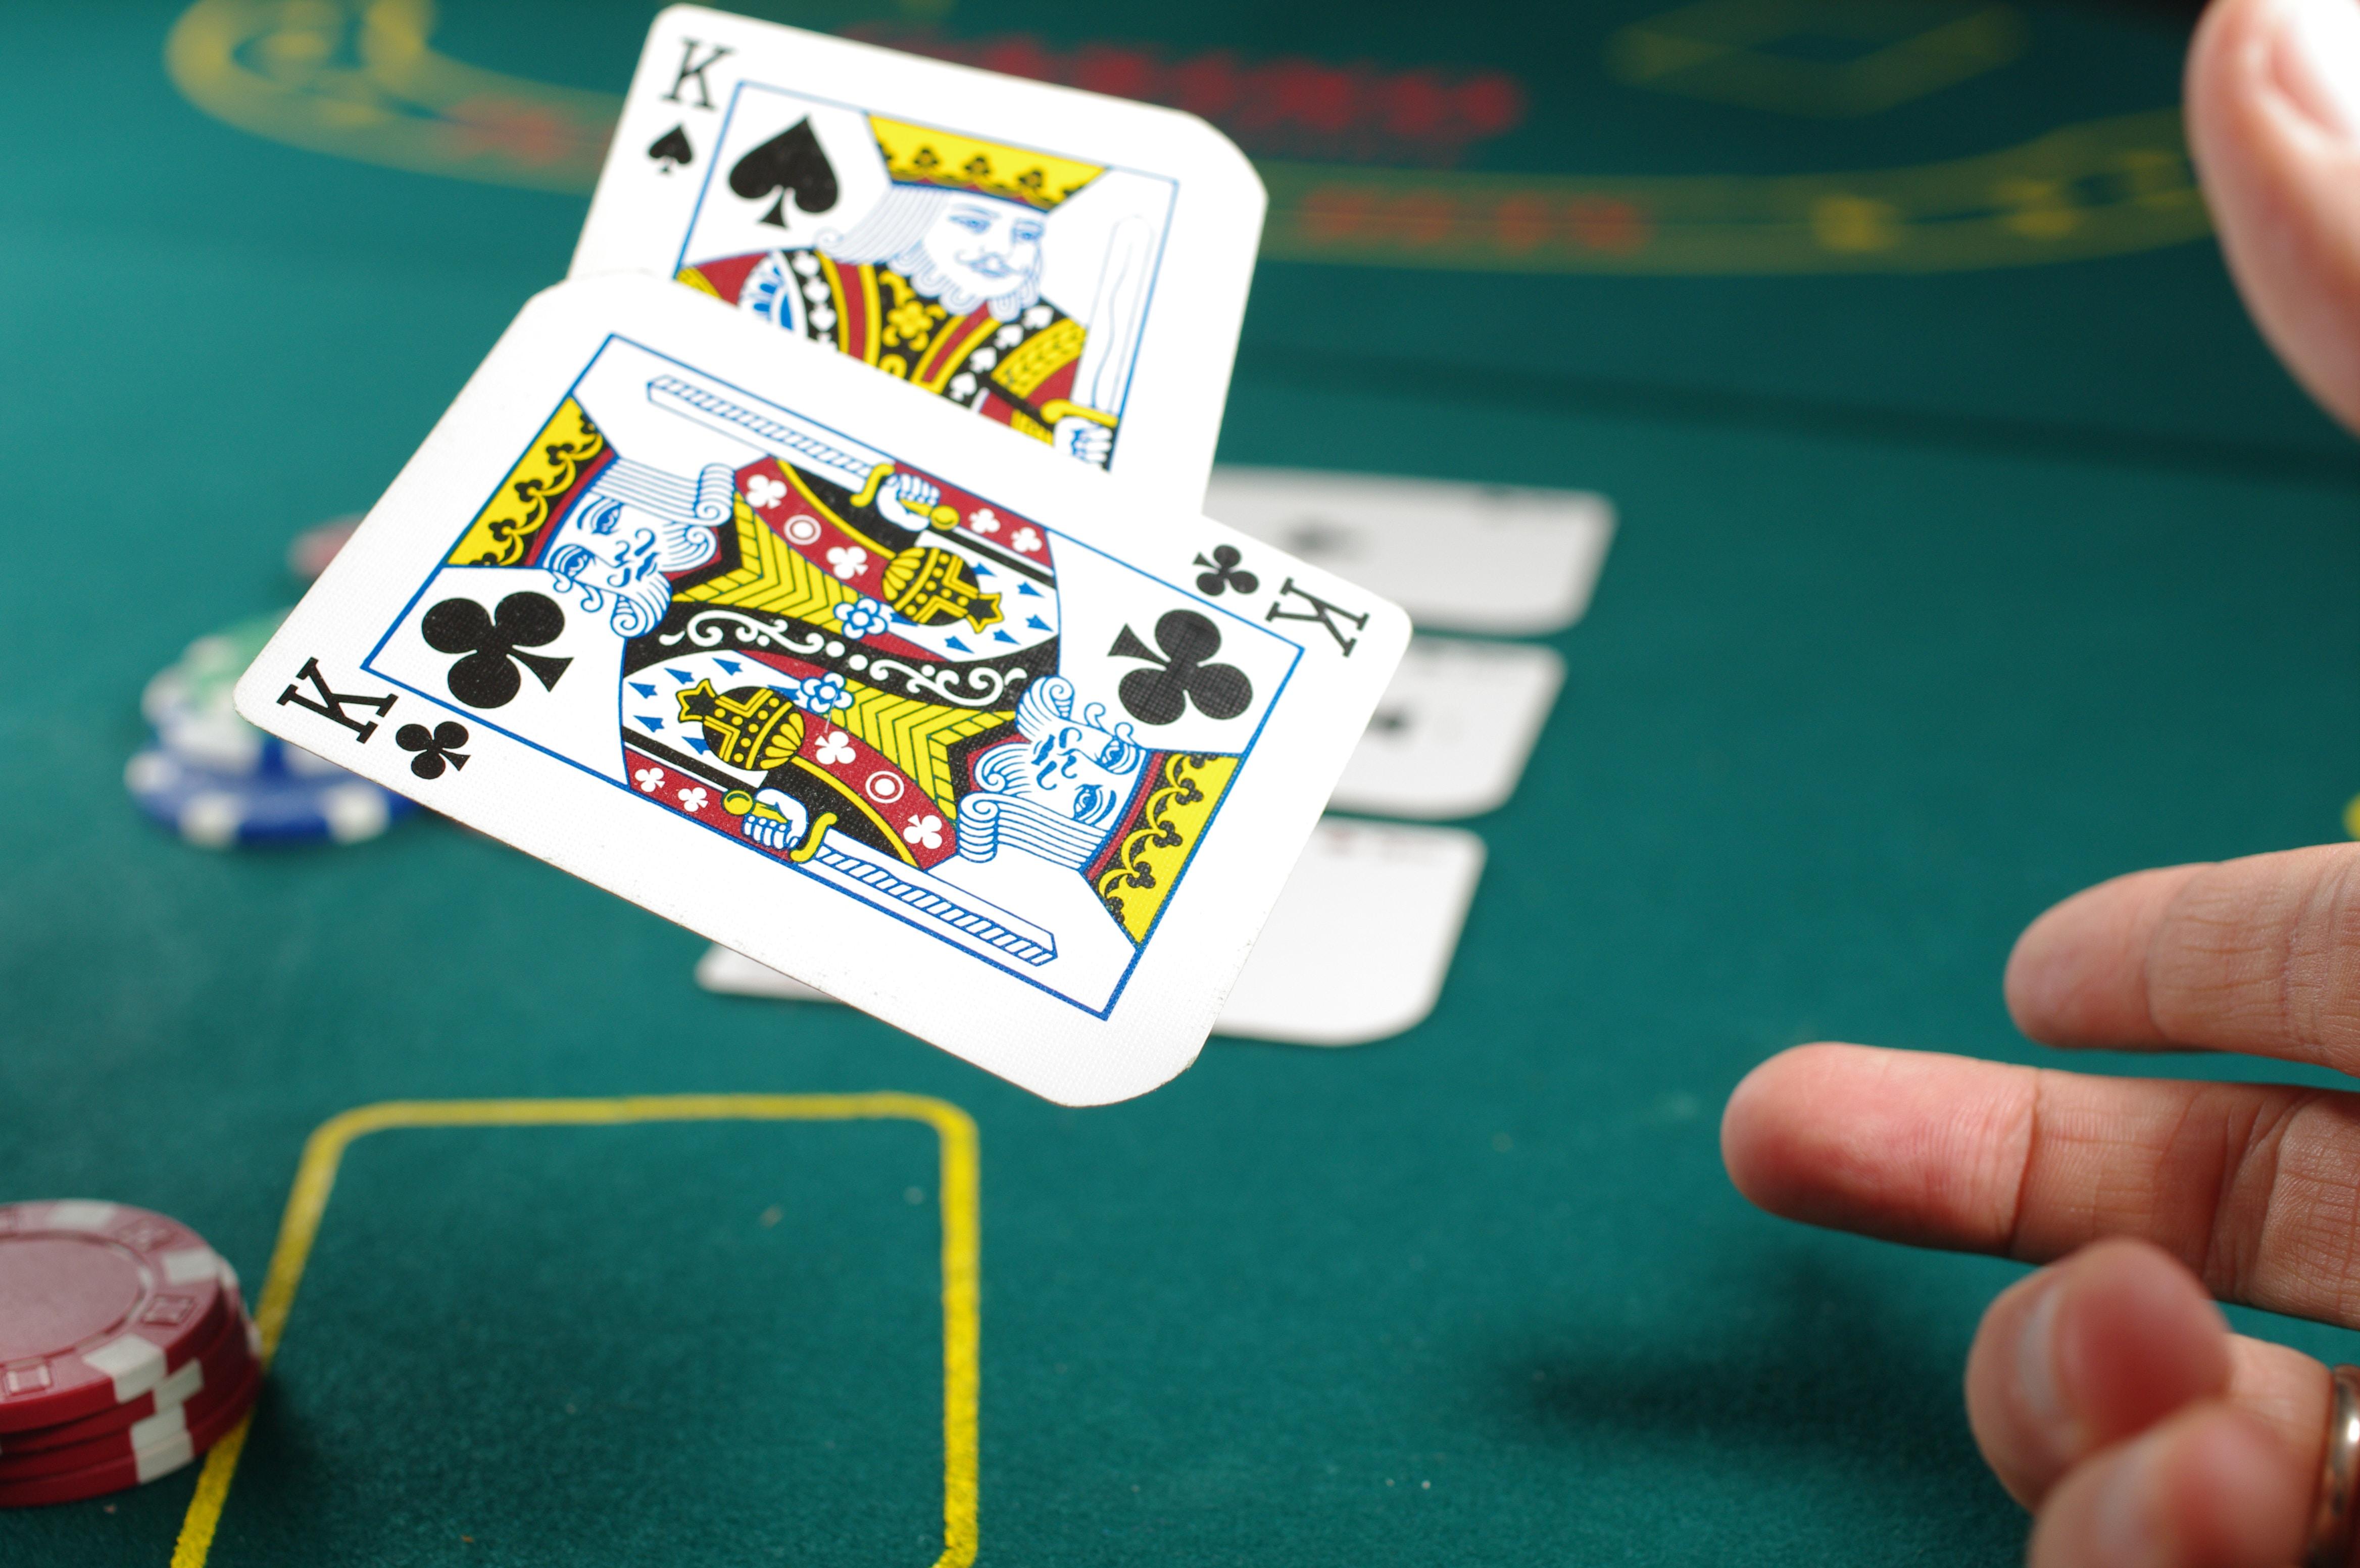 10 consejos rápidos de estrategia de póquer que ayudarán a tu juego